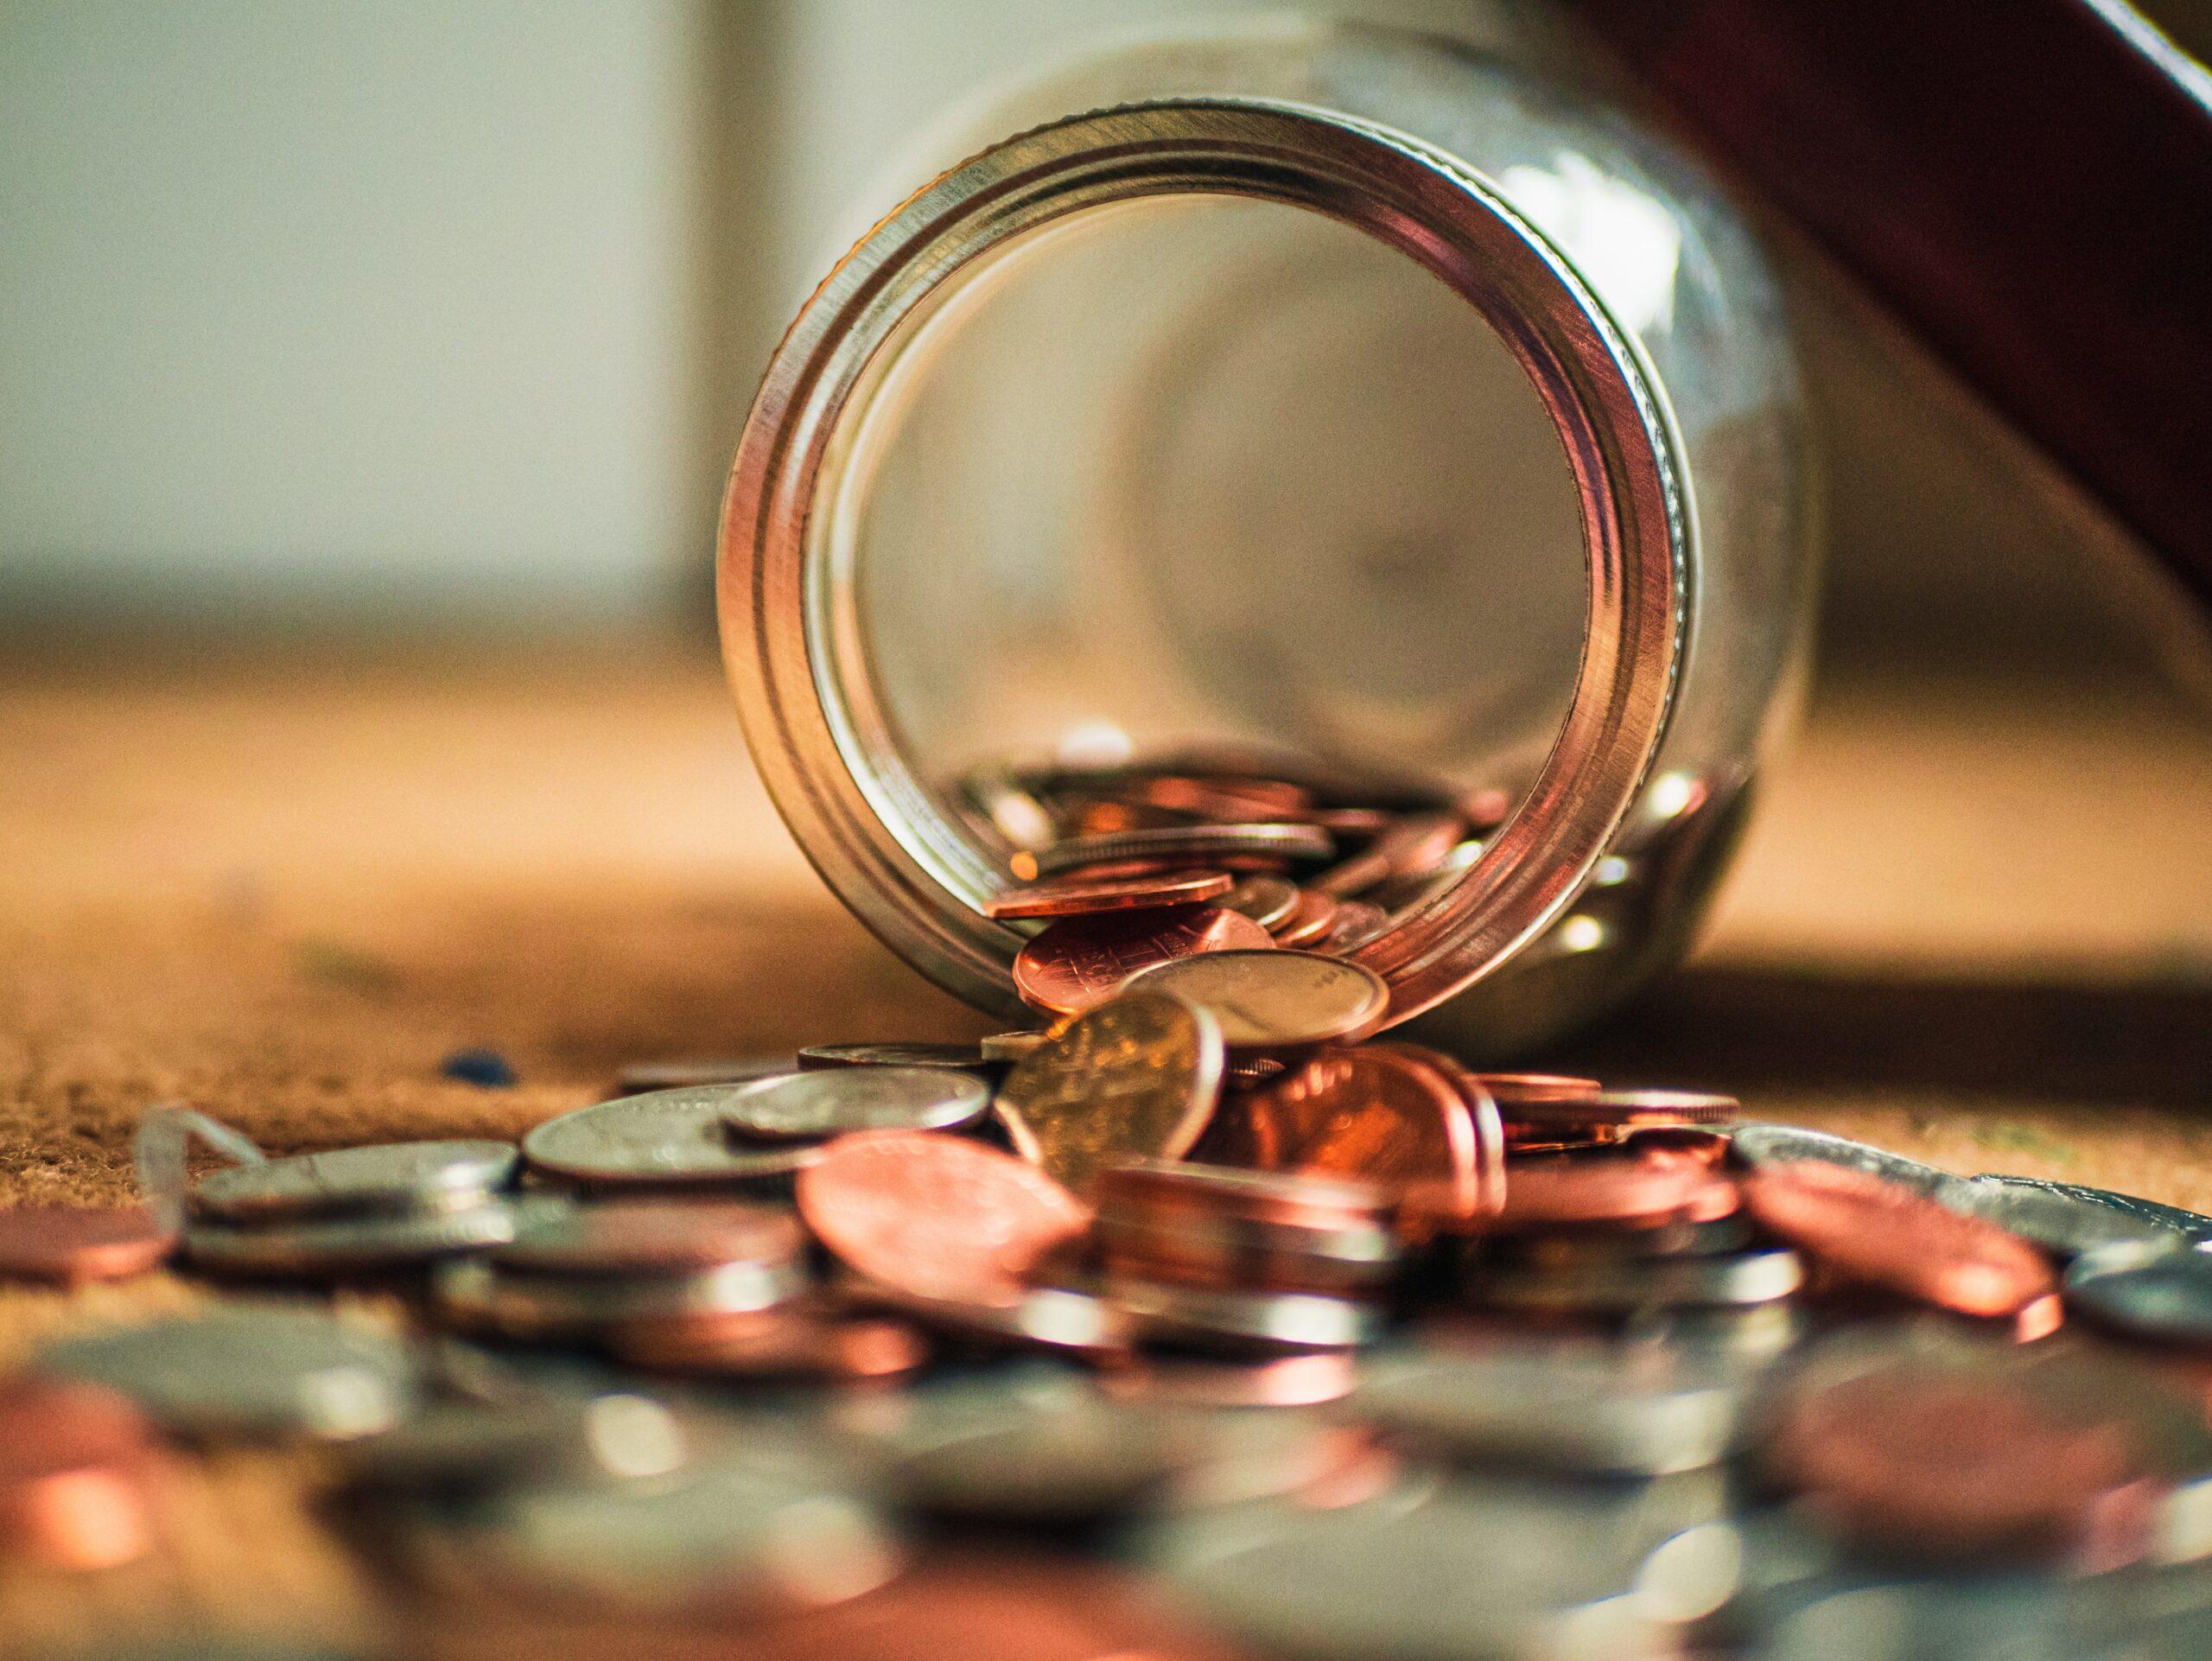 pozwy w sprawach kredytów frankowych. Pomagamy w uzyskaniu unieważnienia umowy kredytowej CHF lub jej odfrankowienia (odwalutowania).